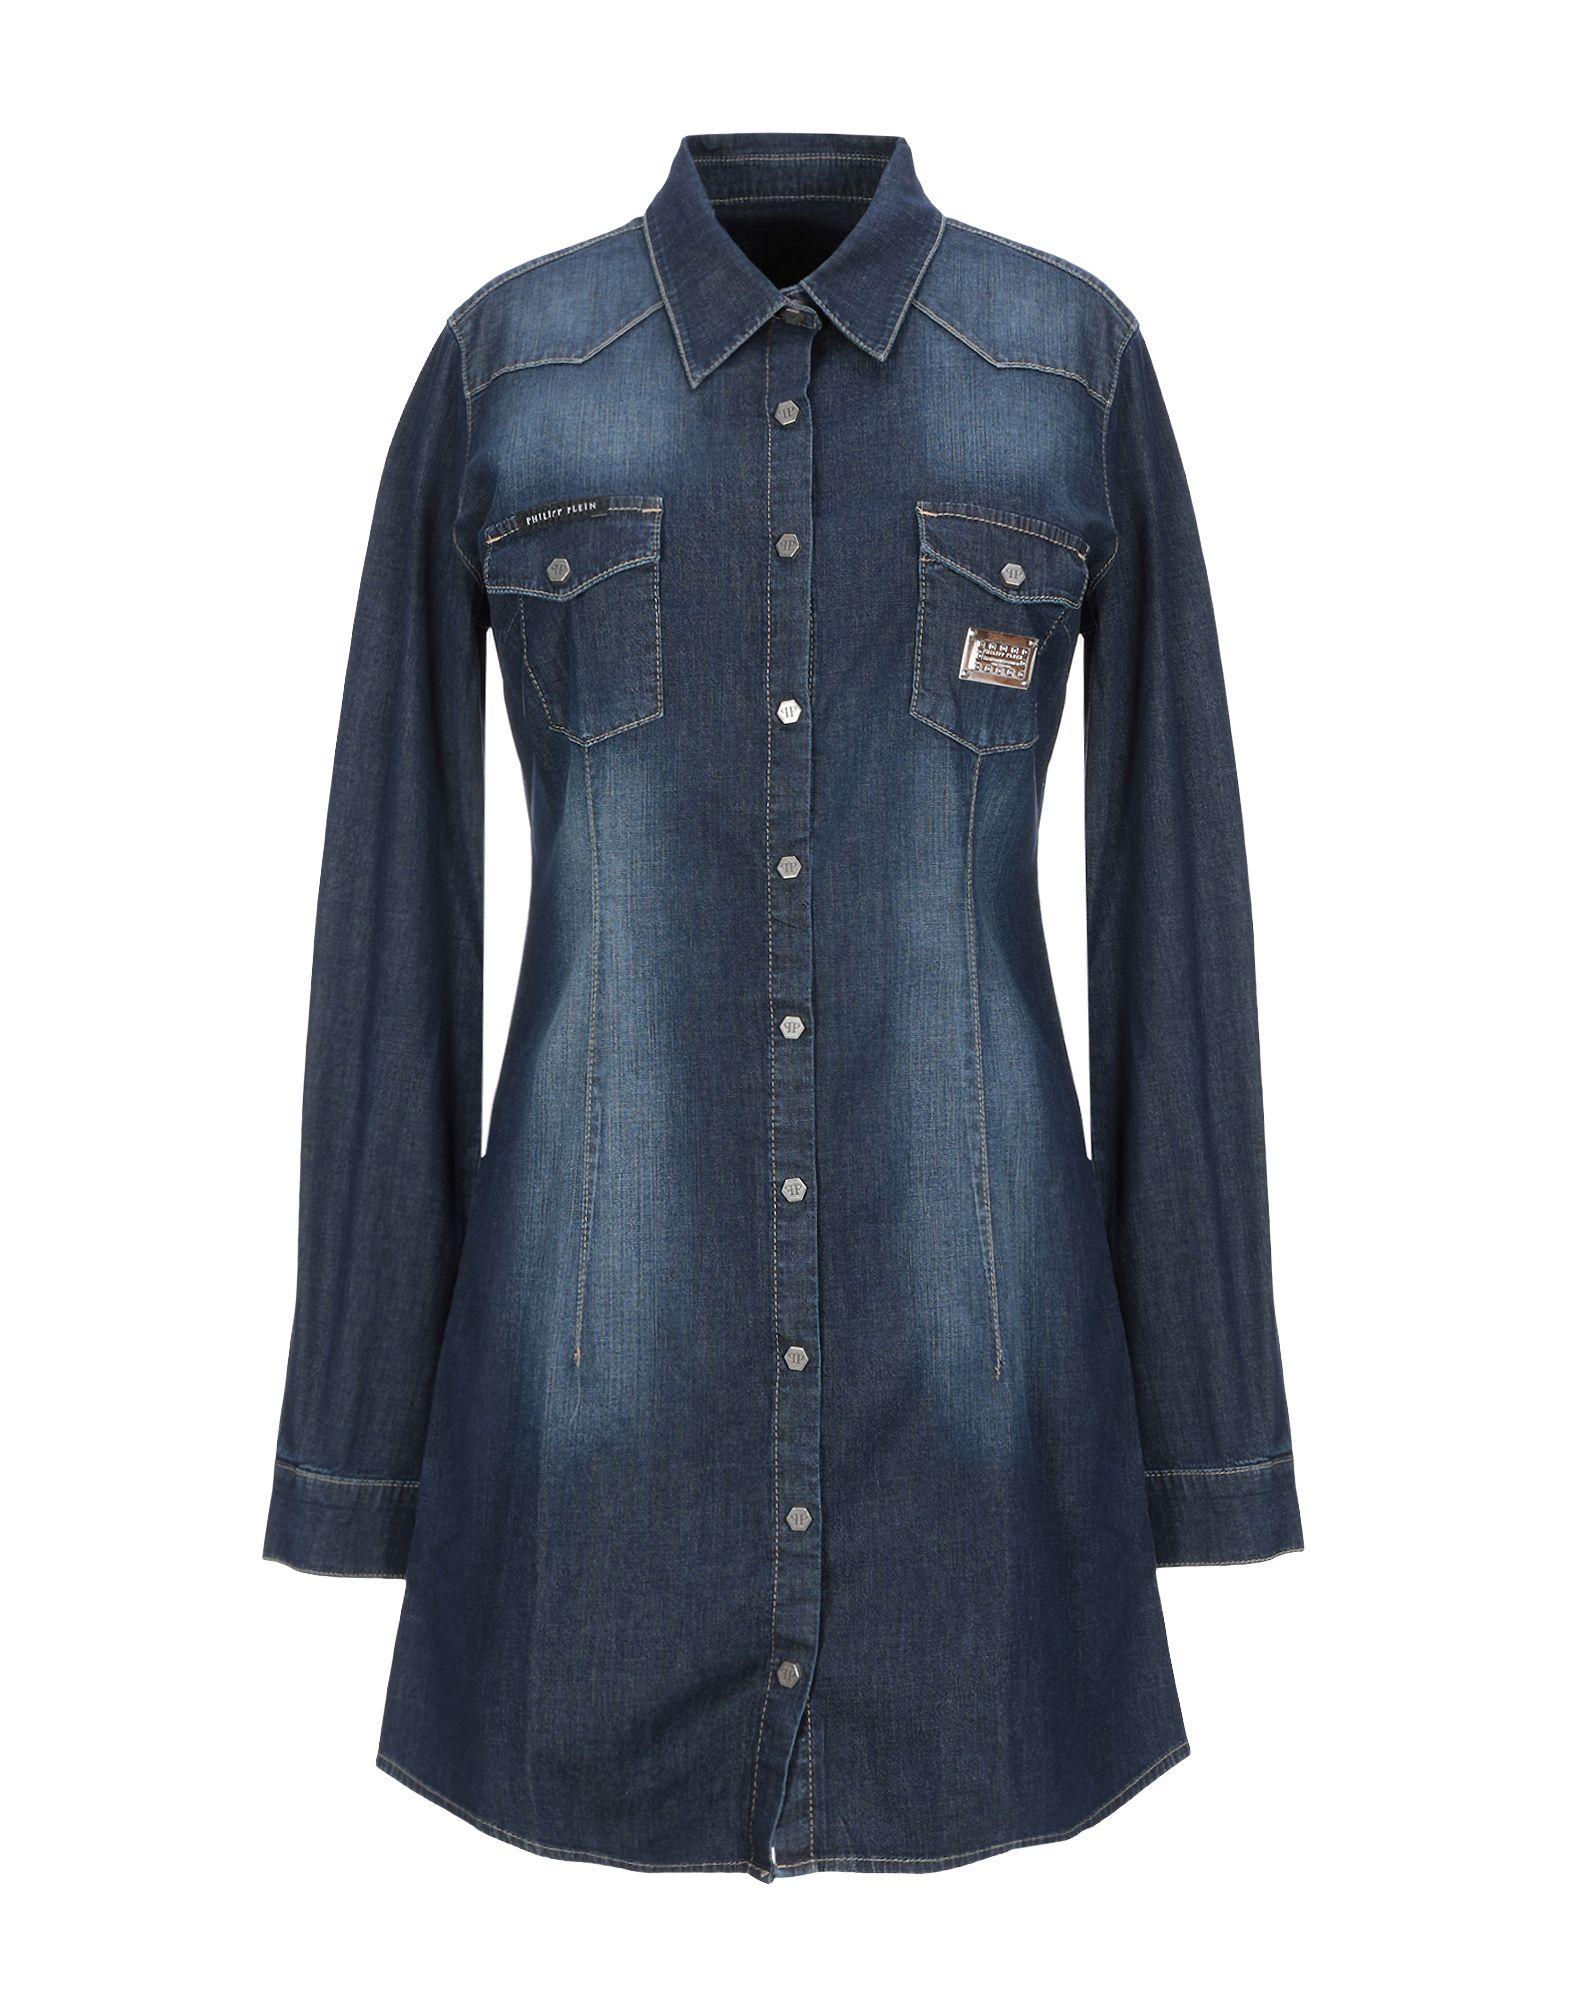 《セール開催中》PHILIPP PLEIN レディース デニムシャツ ブルー S コットン 99% / ポリウレタン 1%